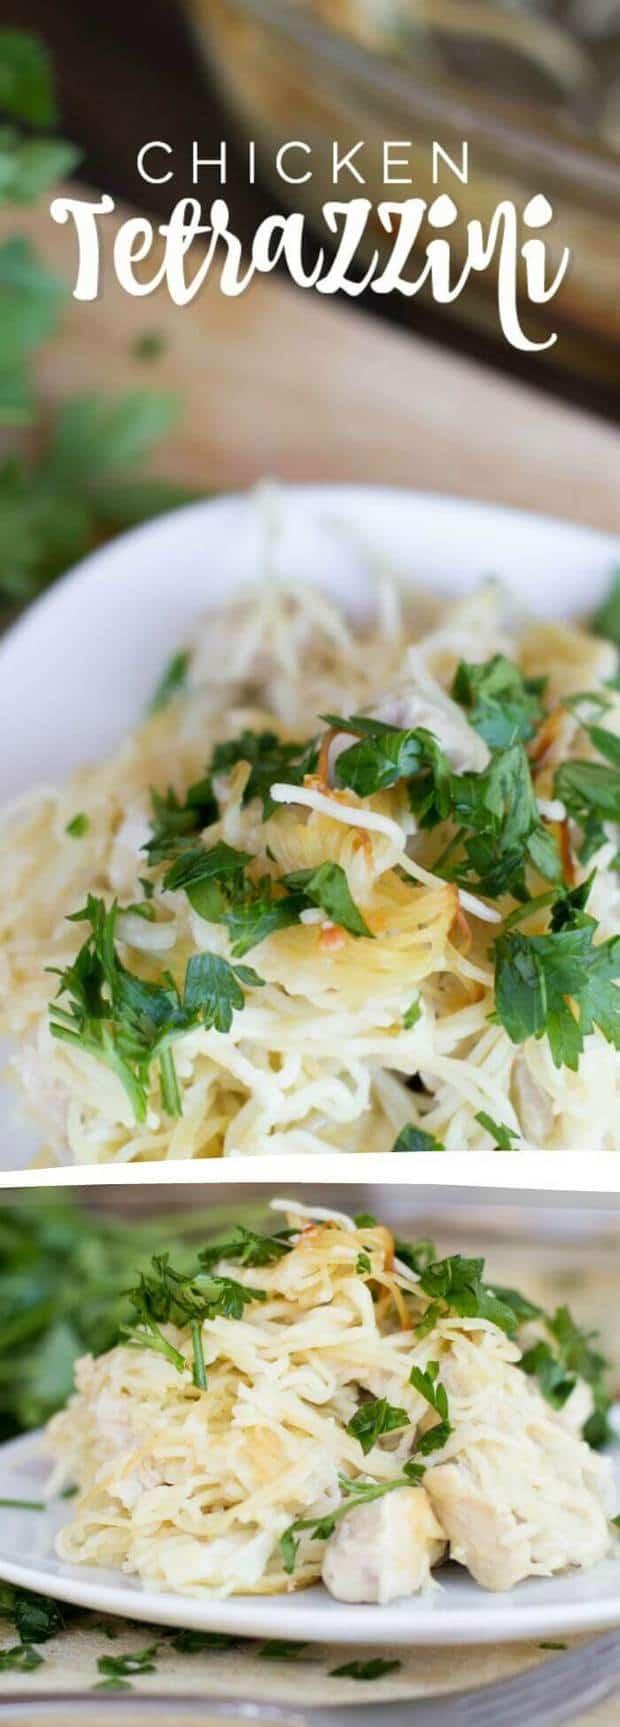 pinterest-chicken-tetrazzini-recipe